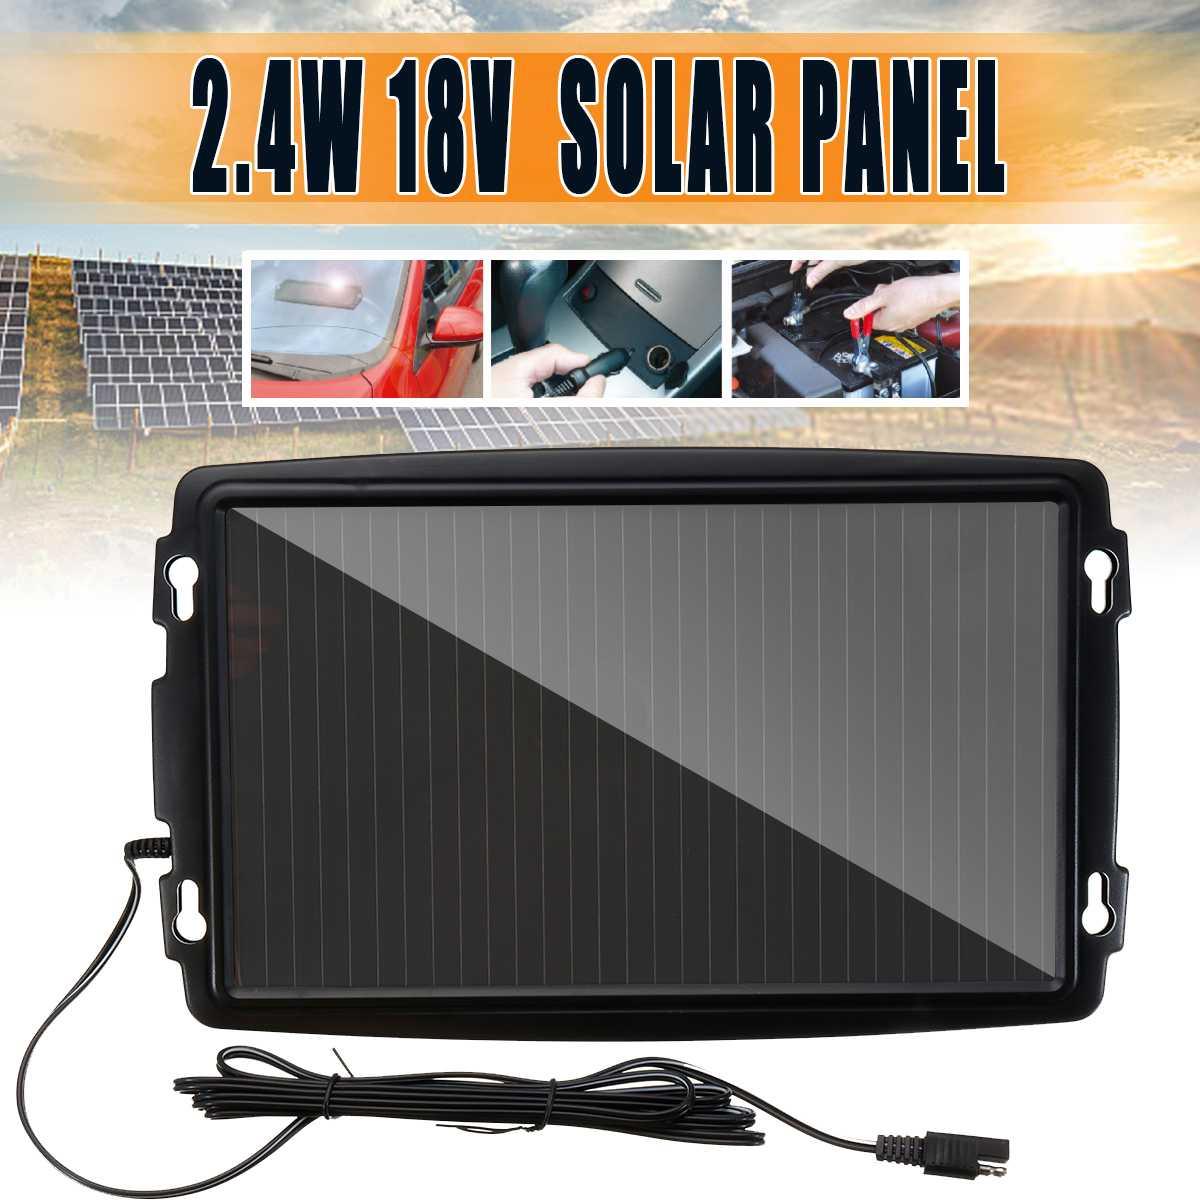 Batterie portative de silicium chargeant le chargeur de Trickle de panneau solaire de 18 V 2.4 W pour la puissance extérieure amorphe détachable de véhicule de voiture de bateau